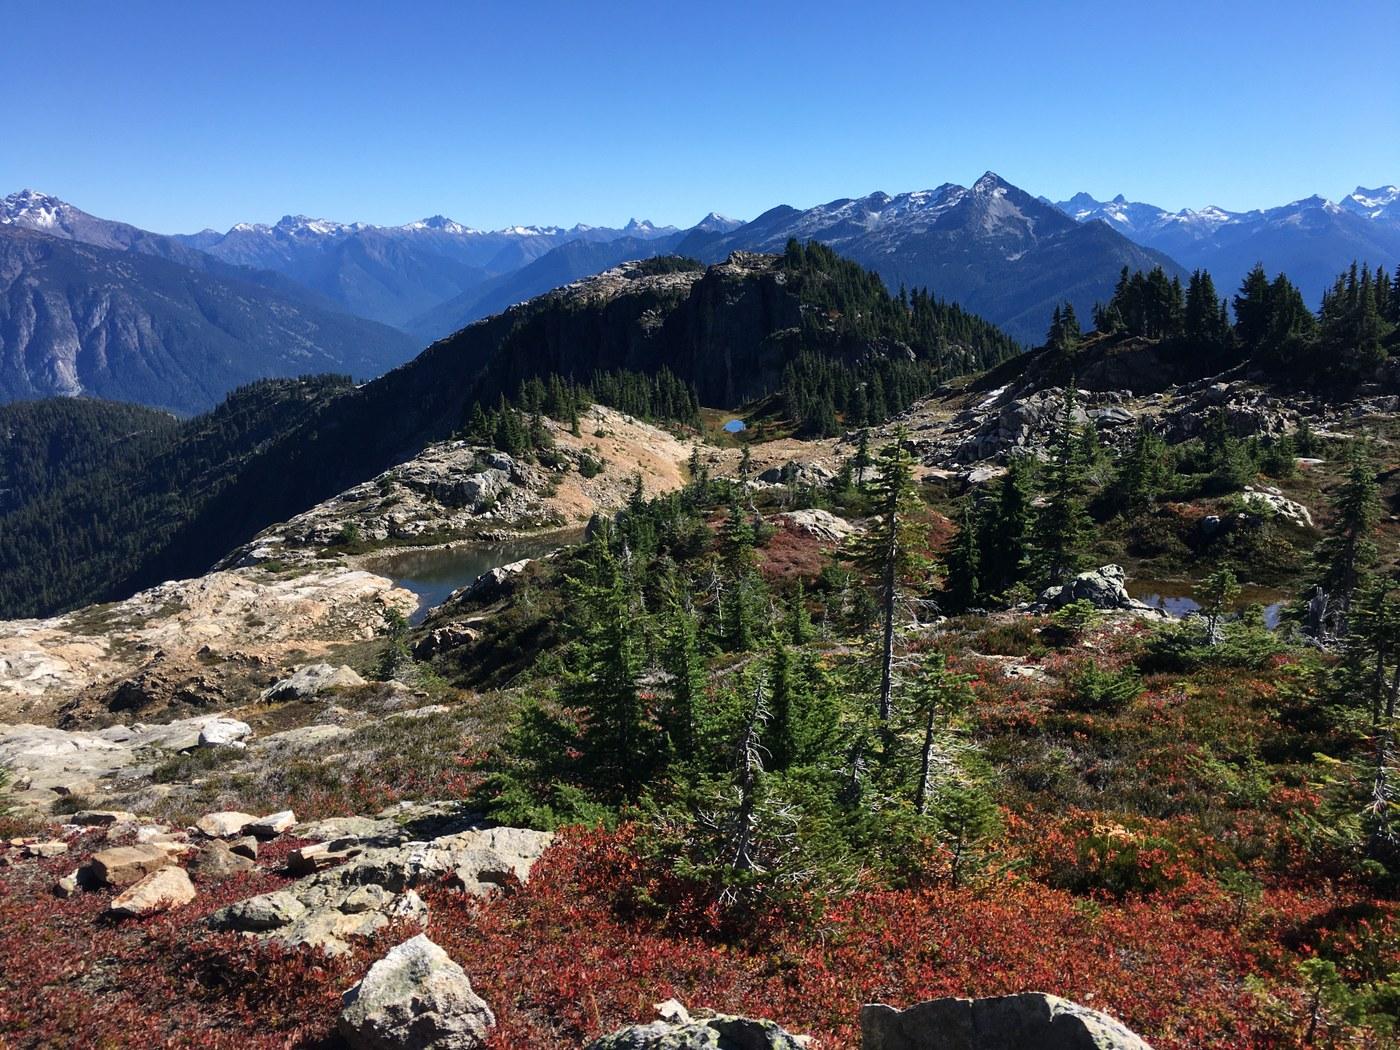 Sourdough Mountain. Photo by kidz won't hike.jpeg